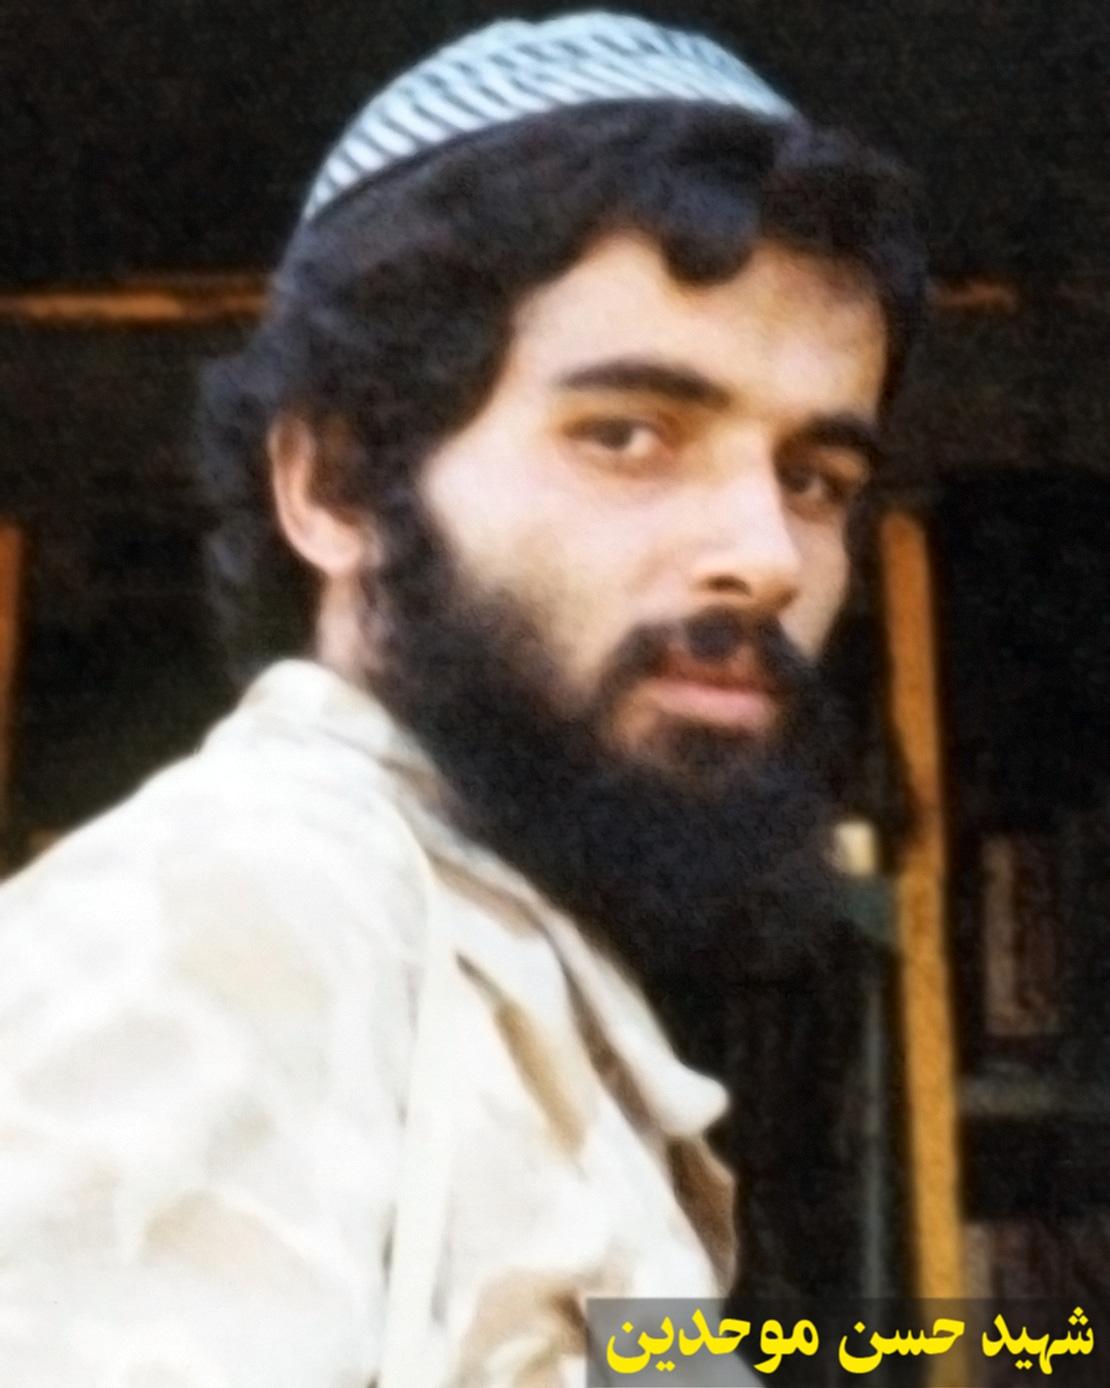 شهید حسن موحدین